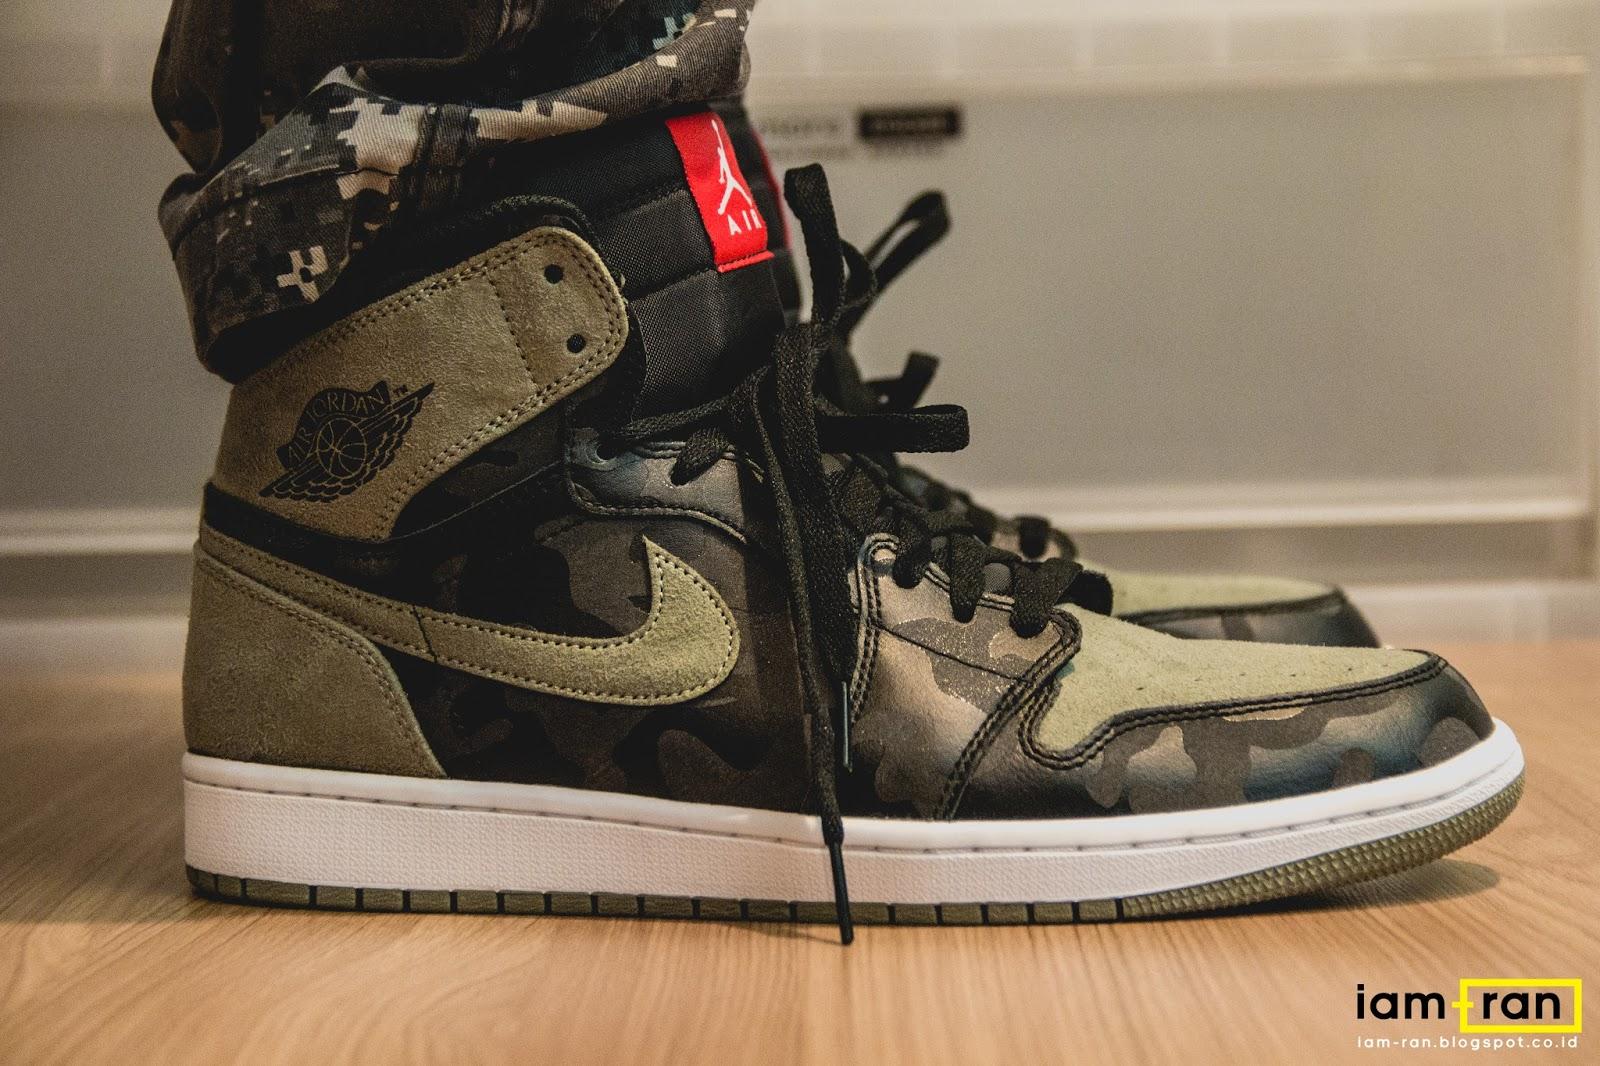 b2b87c33be6 IAM-RAN: ON FEET : Dipsky - Nike Air Jordan 1 Premium